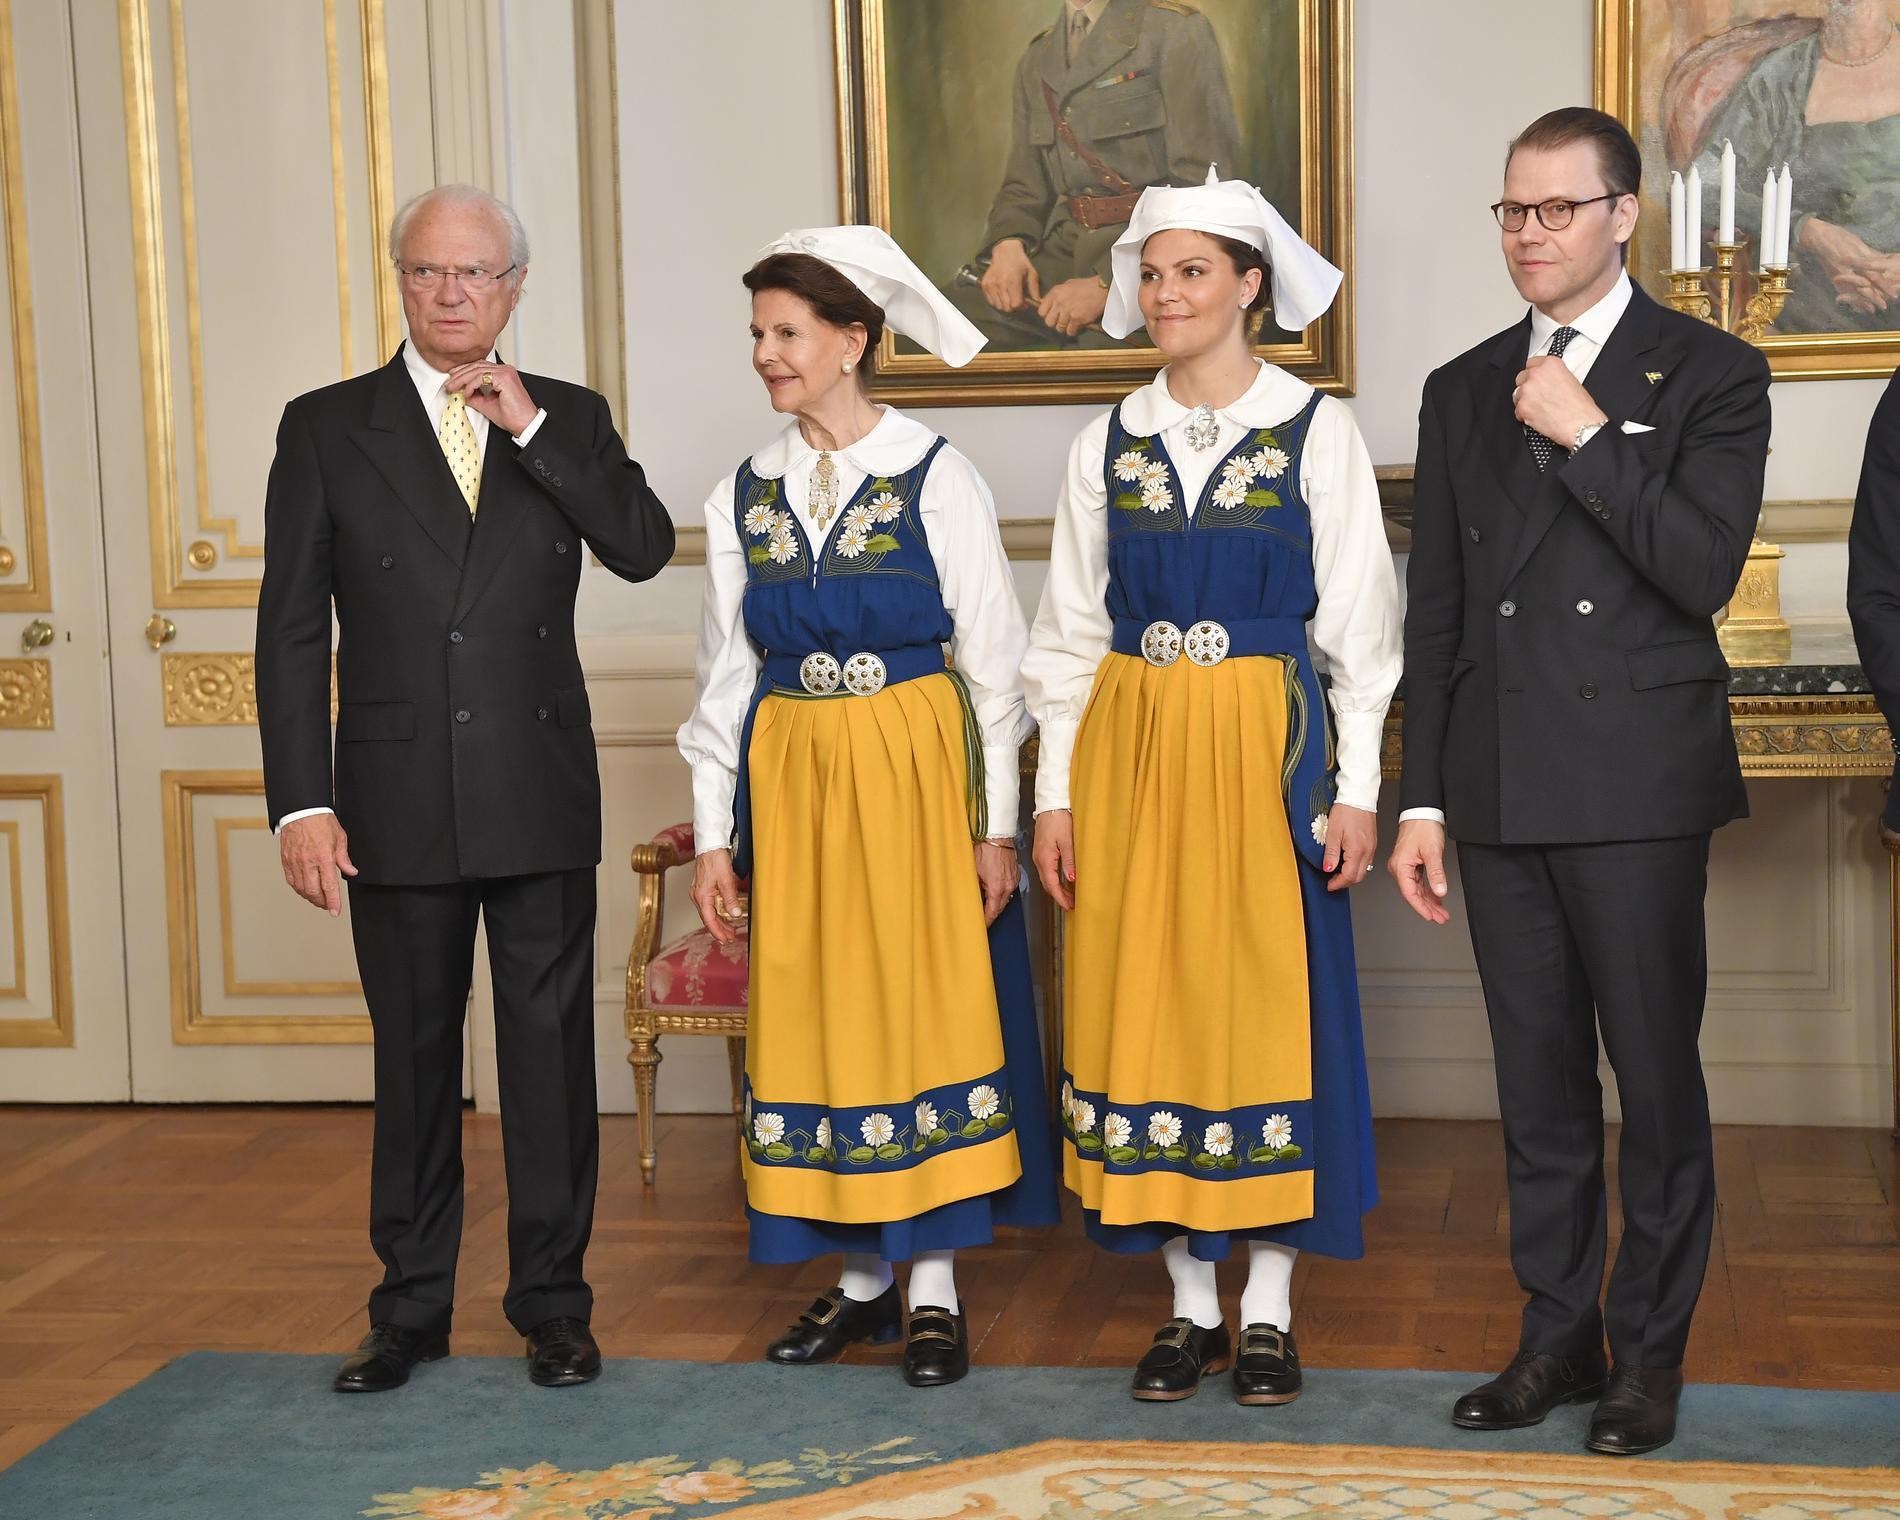 Drottning Silvia och kronprinsessan Victoria iklädda Sverigedräkten. Arkivbild.